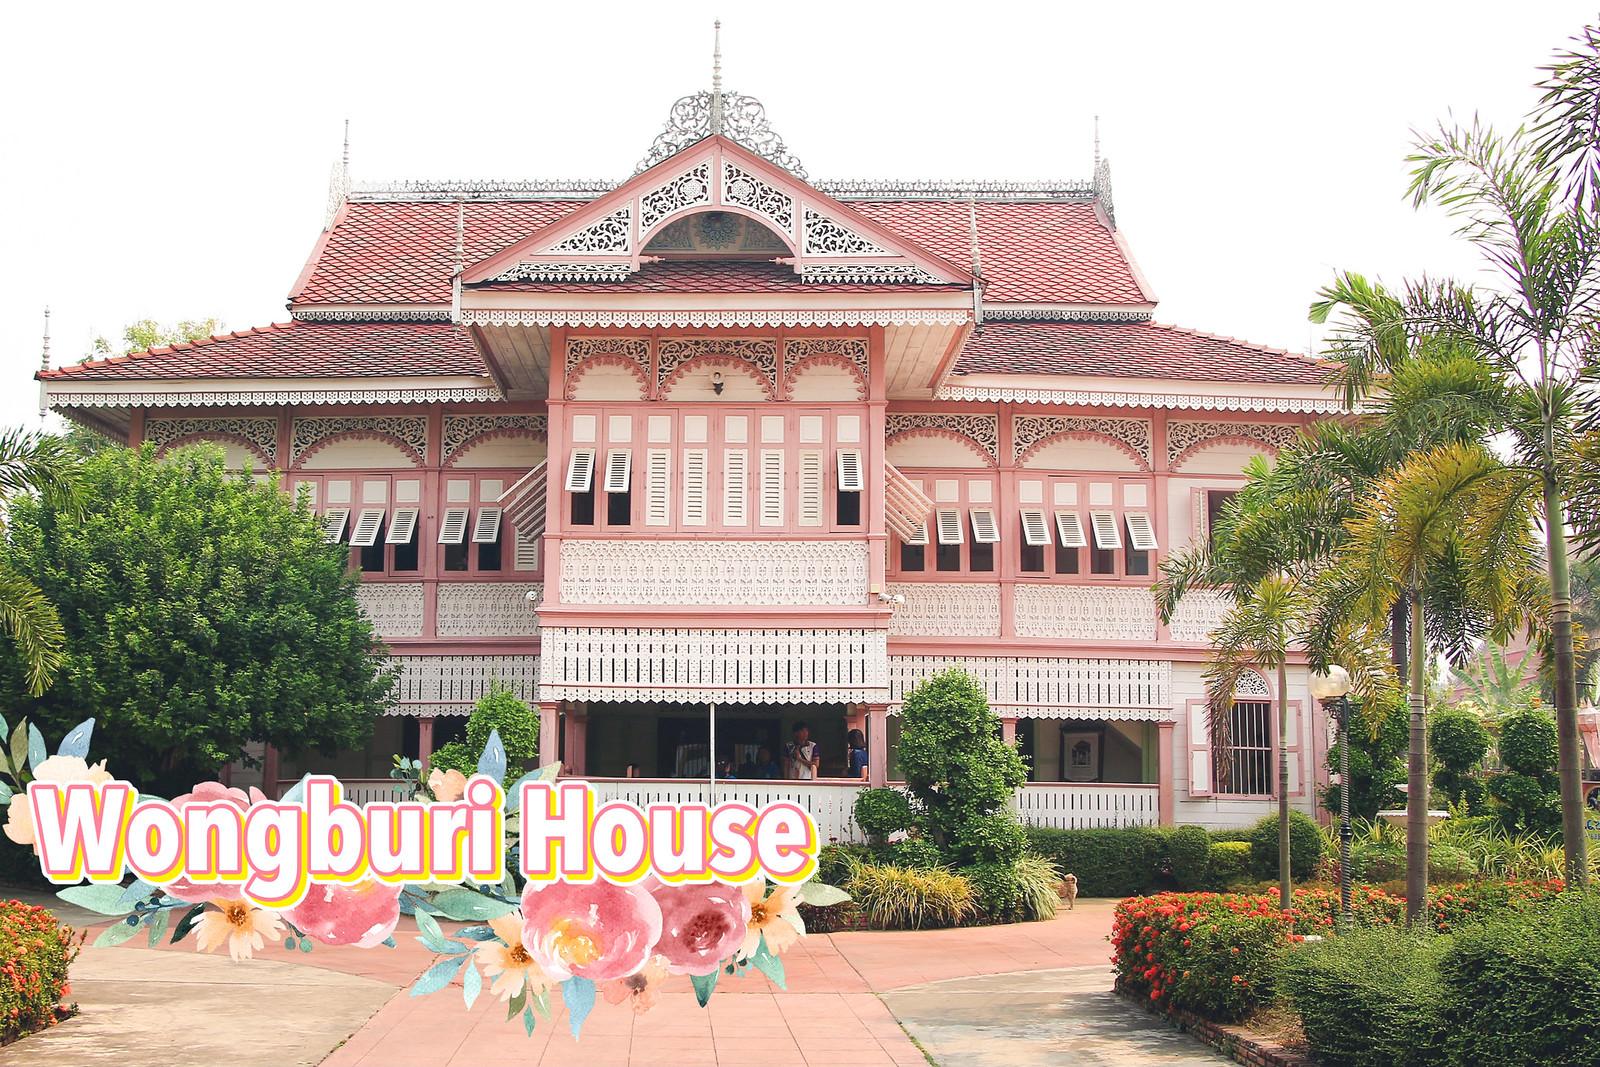 帕府。粉紅夢幻柚木老宅「Wongburi House」